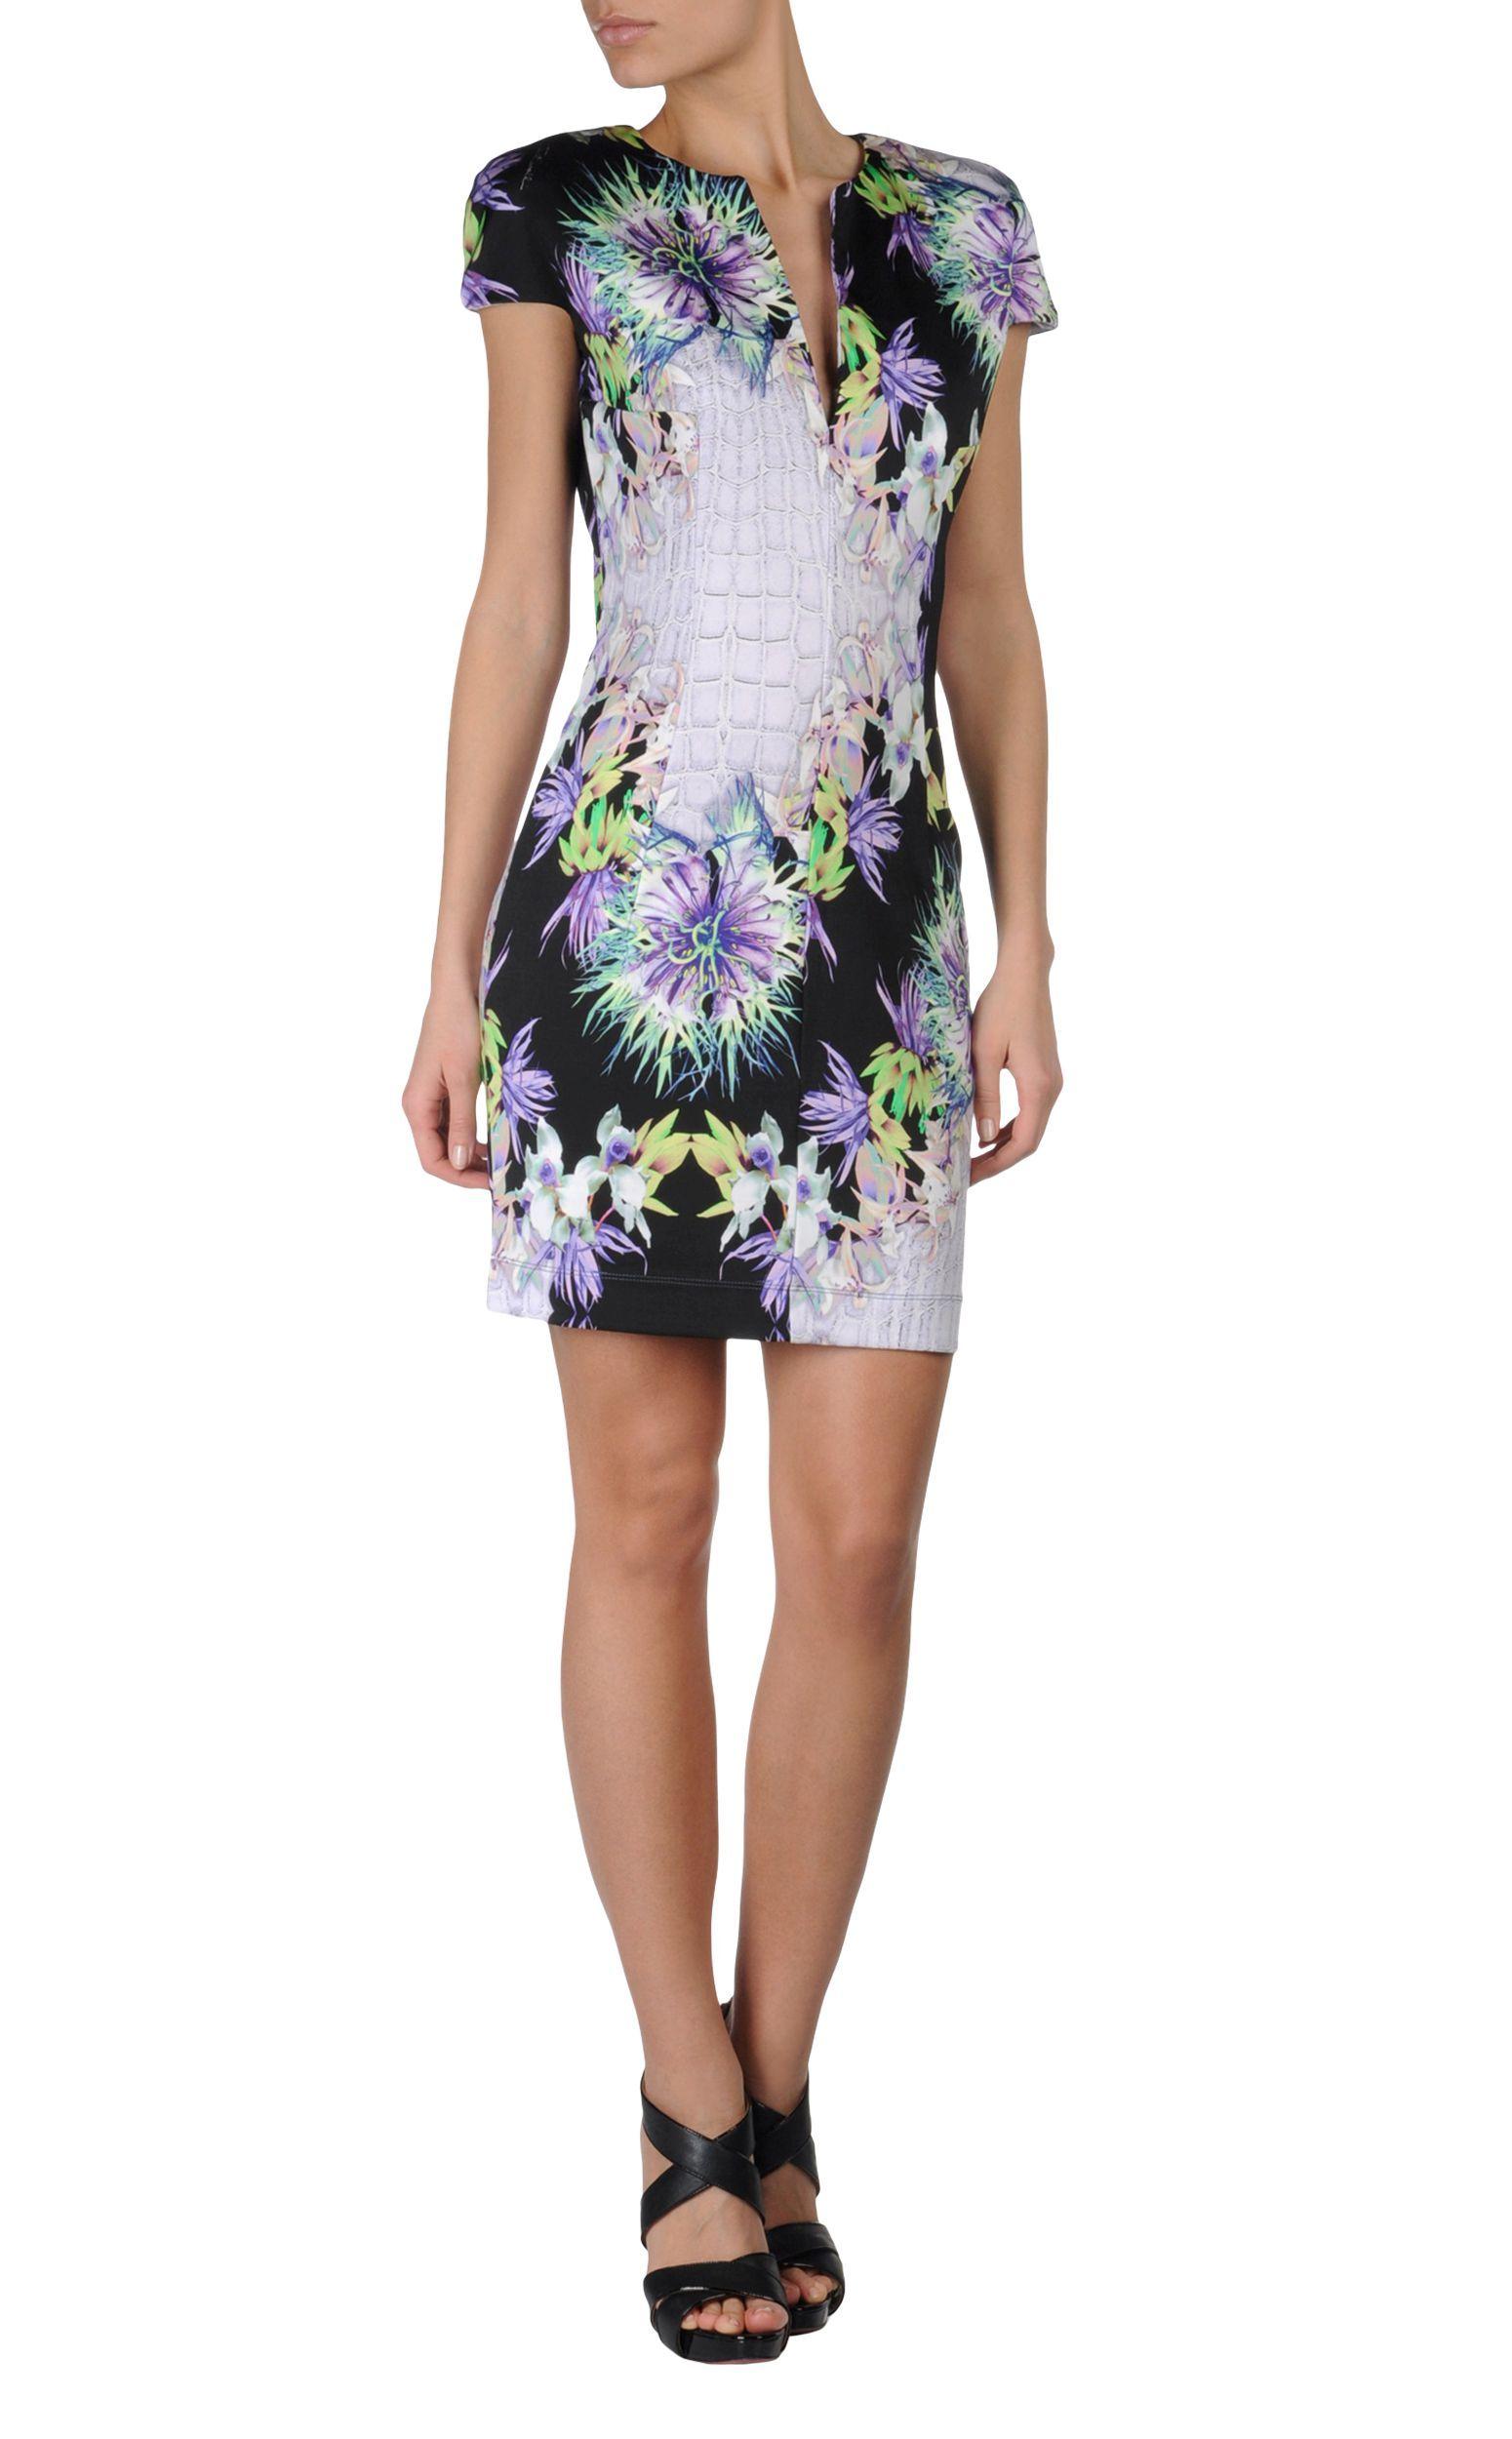 95ce6b44d9 Abito corto Donna - Vestiti Donna su Just Cavalli Online Store ...